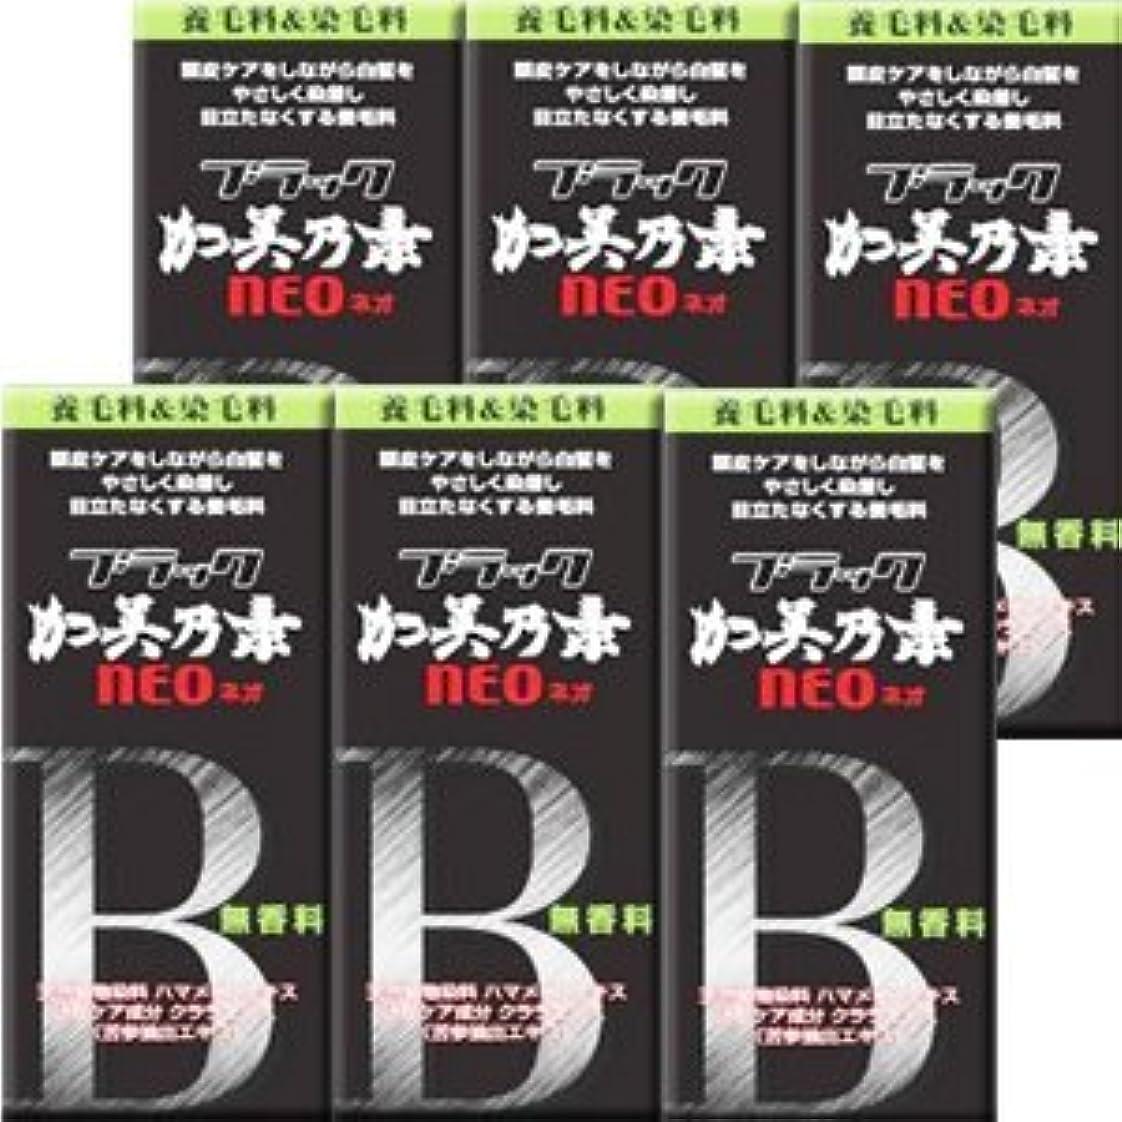 リラックスしたスピーカー連隊【6個】 ブラック加美乃素NEO 無香料 150mlx6個 (4987046370105)